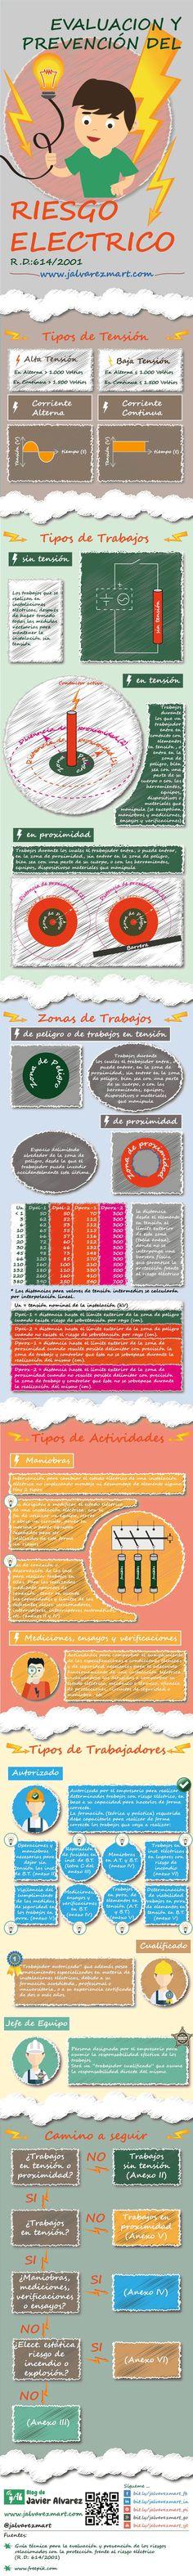 Evaluación y prevención del riesgo eléctrico. #infografia